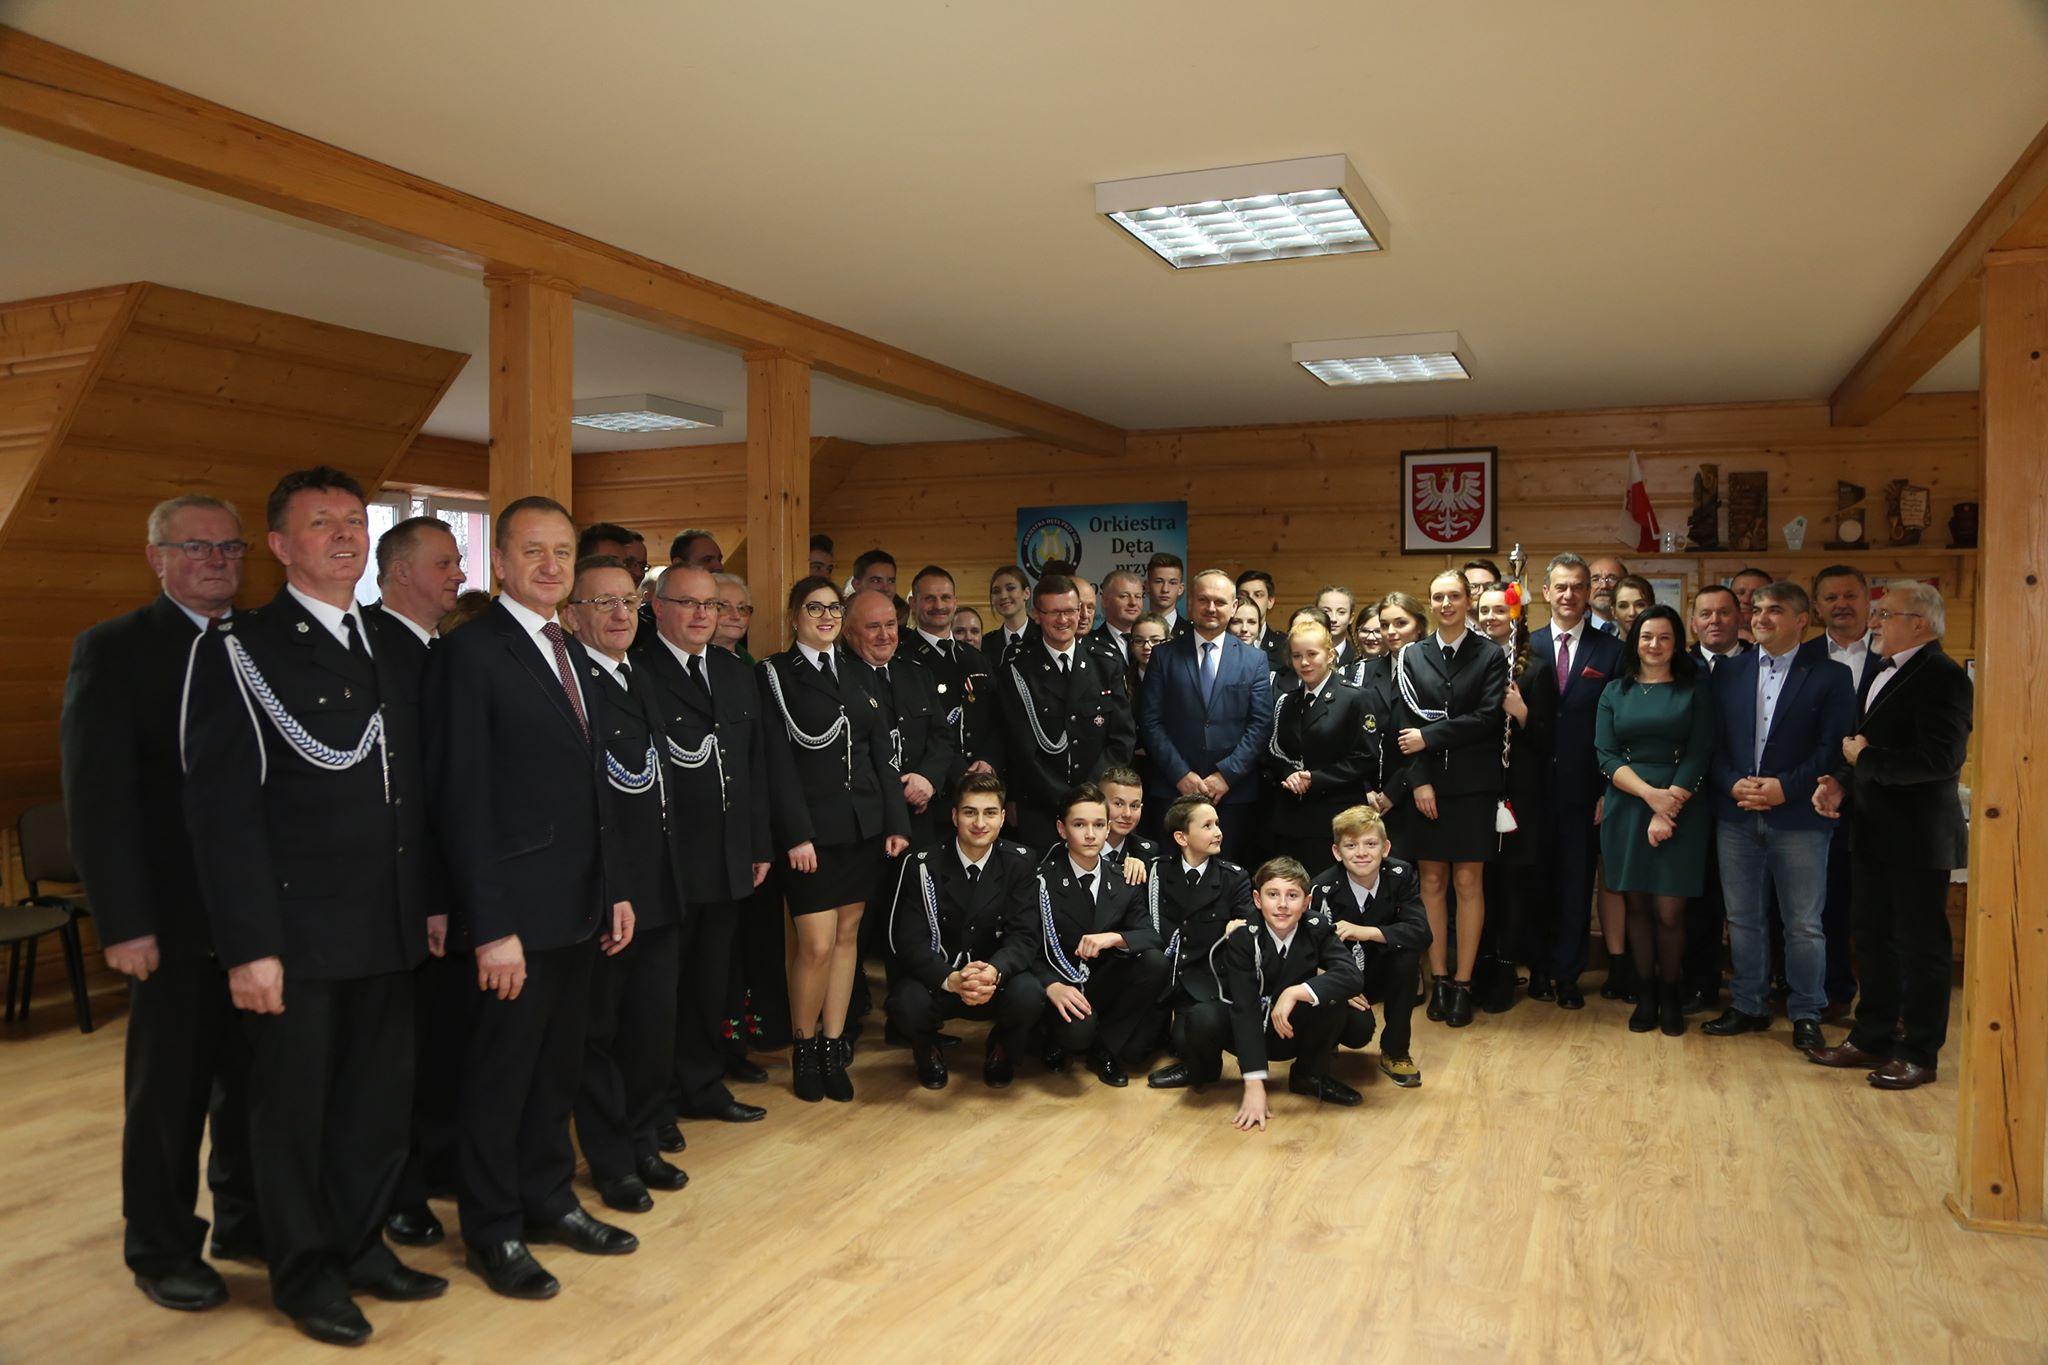 Koncert Jubileuszowy Orkiestry Dętej przy OSP w Męcinie - członkowie zespołu na wspólnym zdjęciu